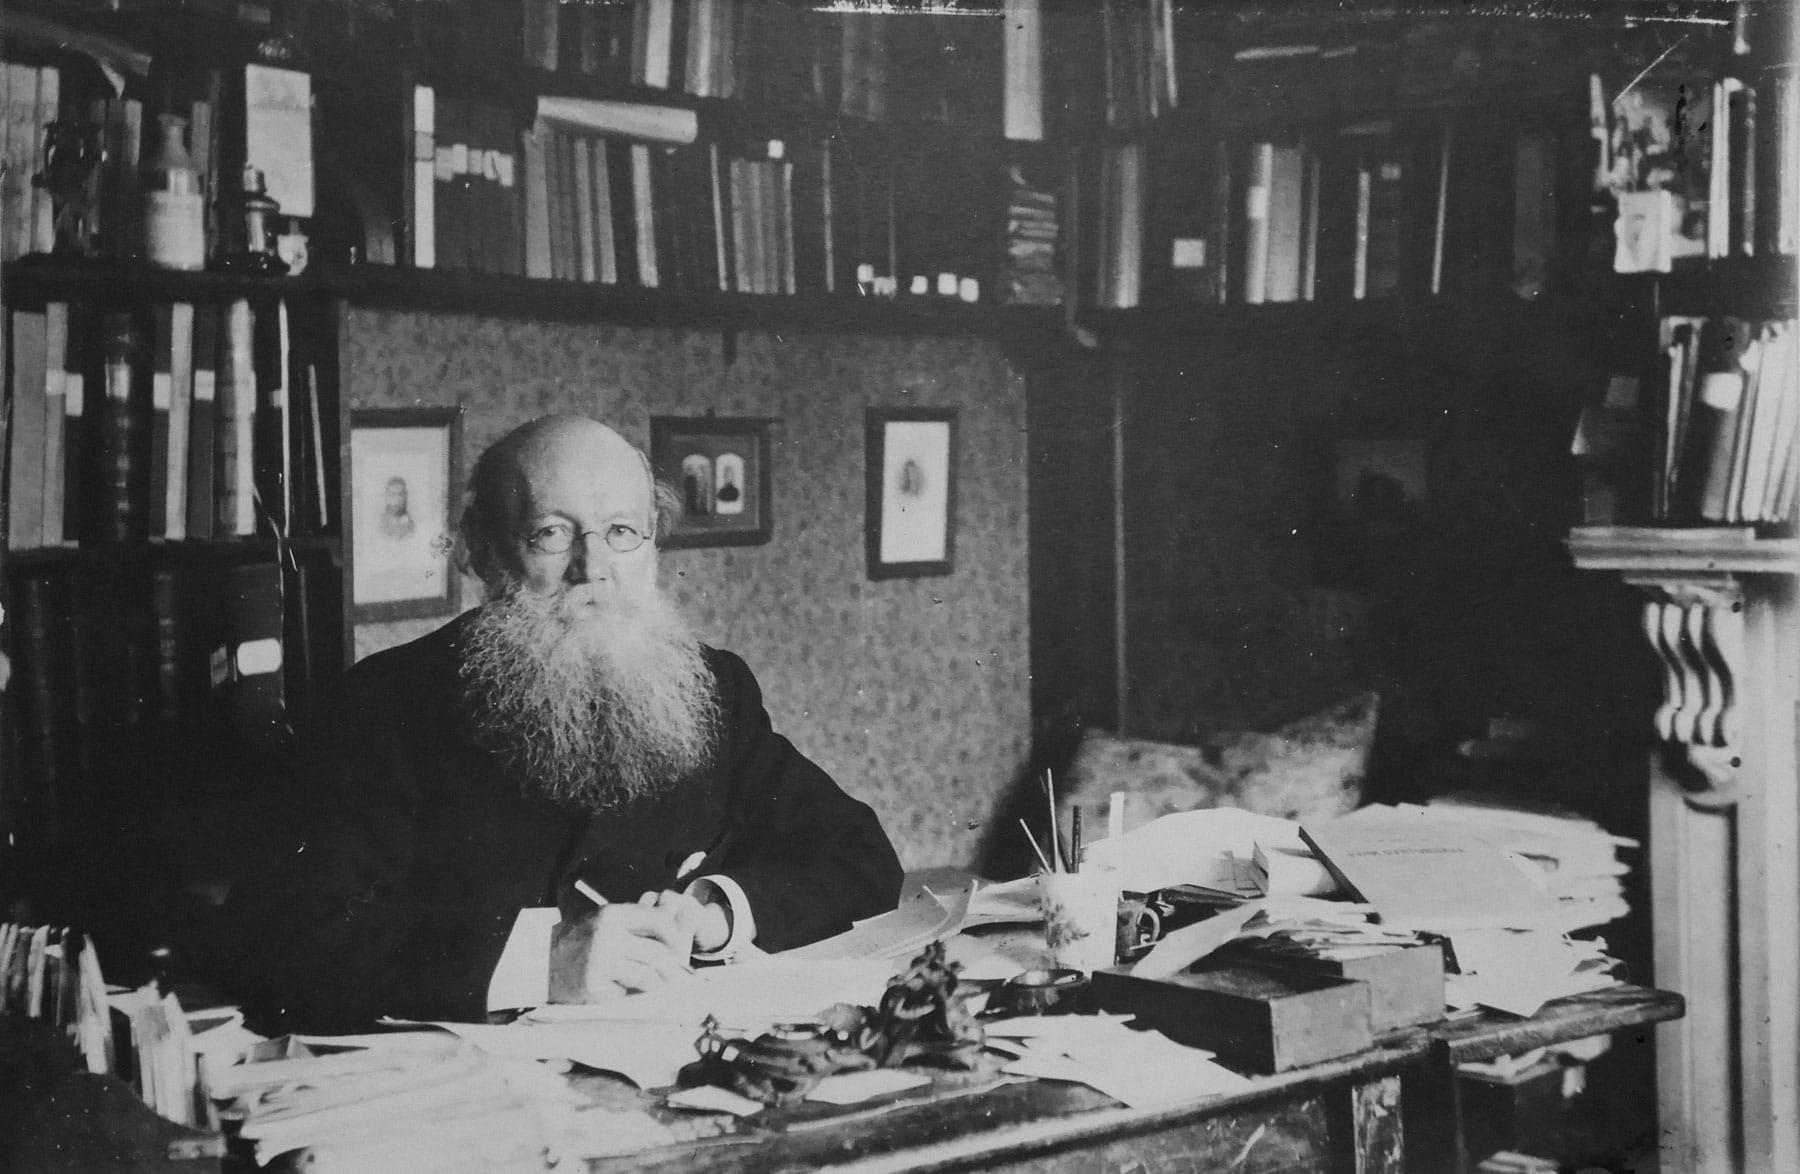 Петр Кропоткин в рабочем кабинете за письменным столом собственного изготовления. Источник: kropotkin.ru